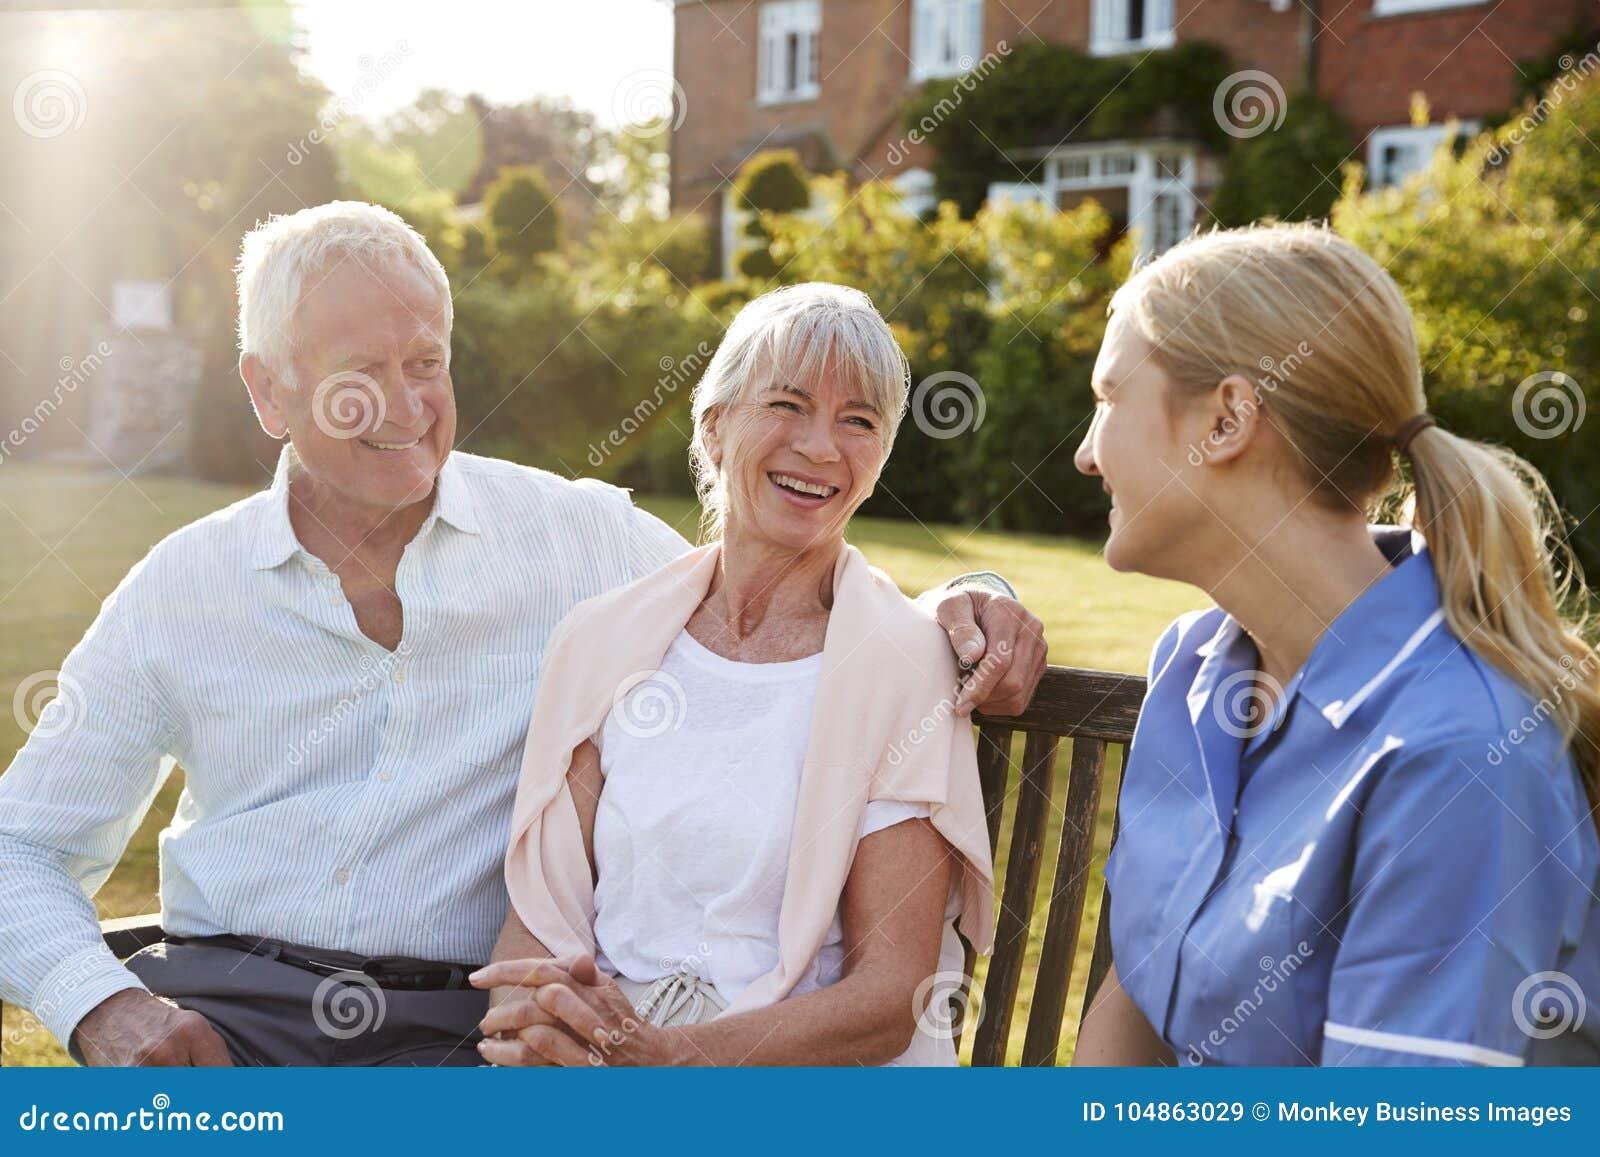 Krankenschwester-Talking To Senior-Paare im Heimpflege-Haus